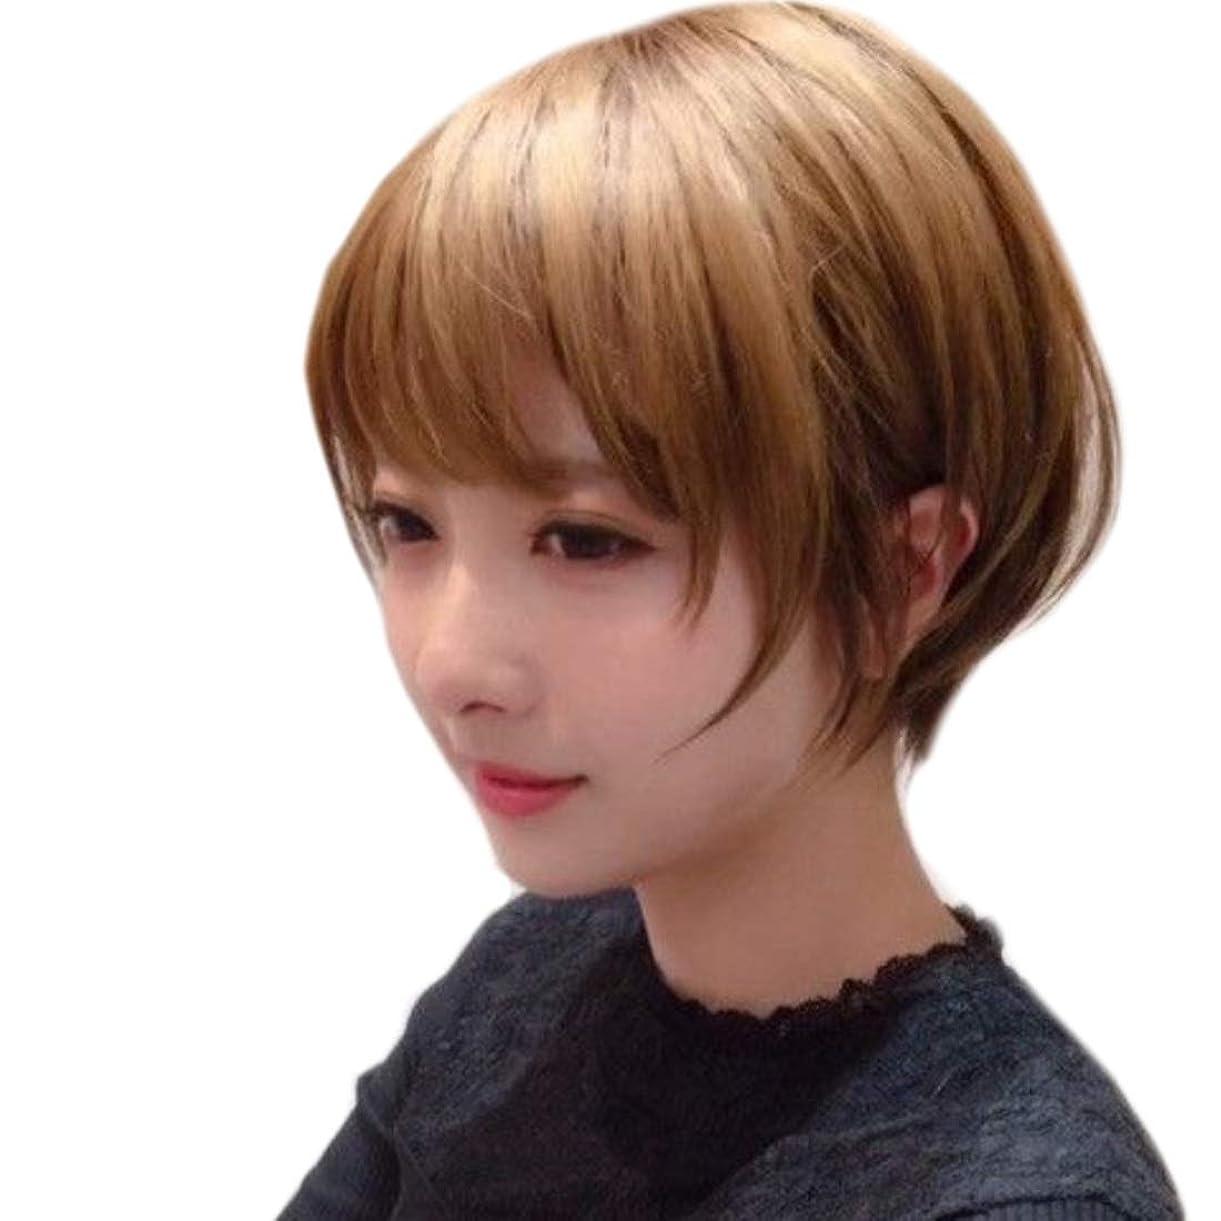 ペストリー定義する広がりSummerys 短いかつらふわふわボブ変態ストレートヘアかつら合成耐熱女性ヘアスタイルカスタム